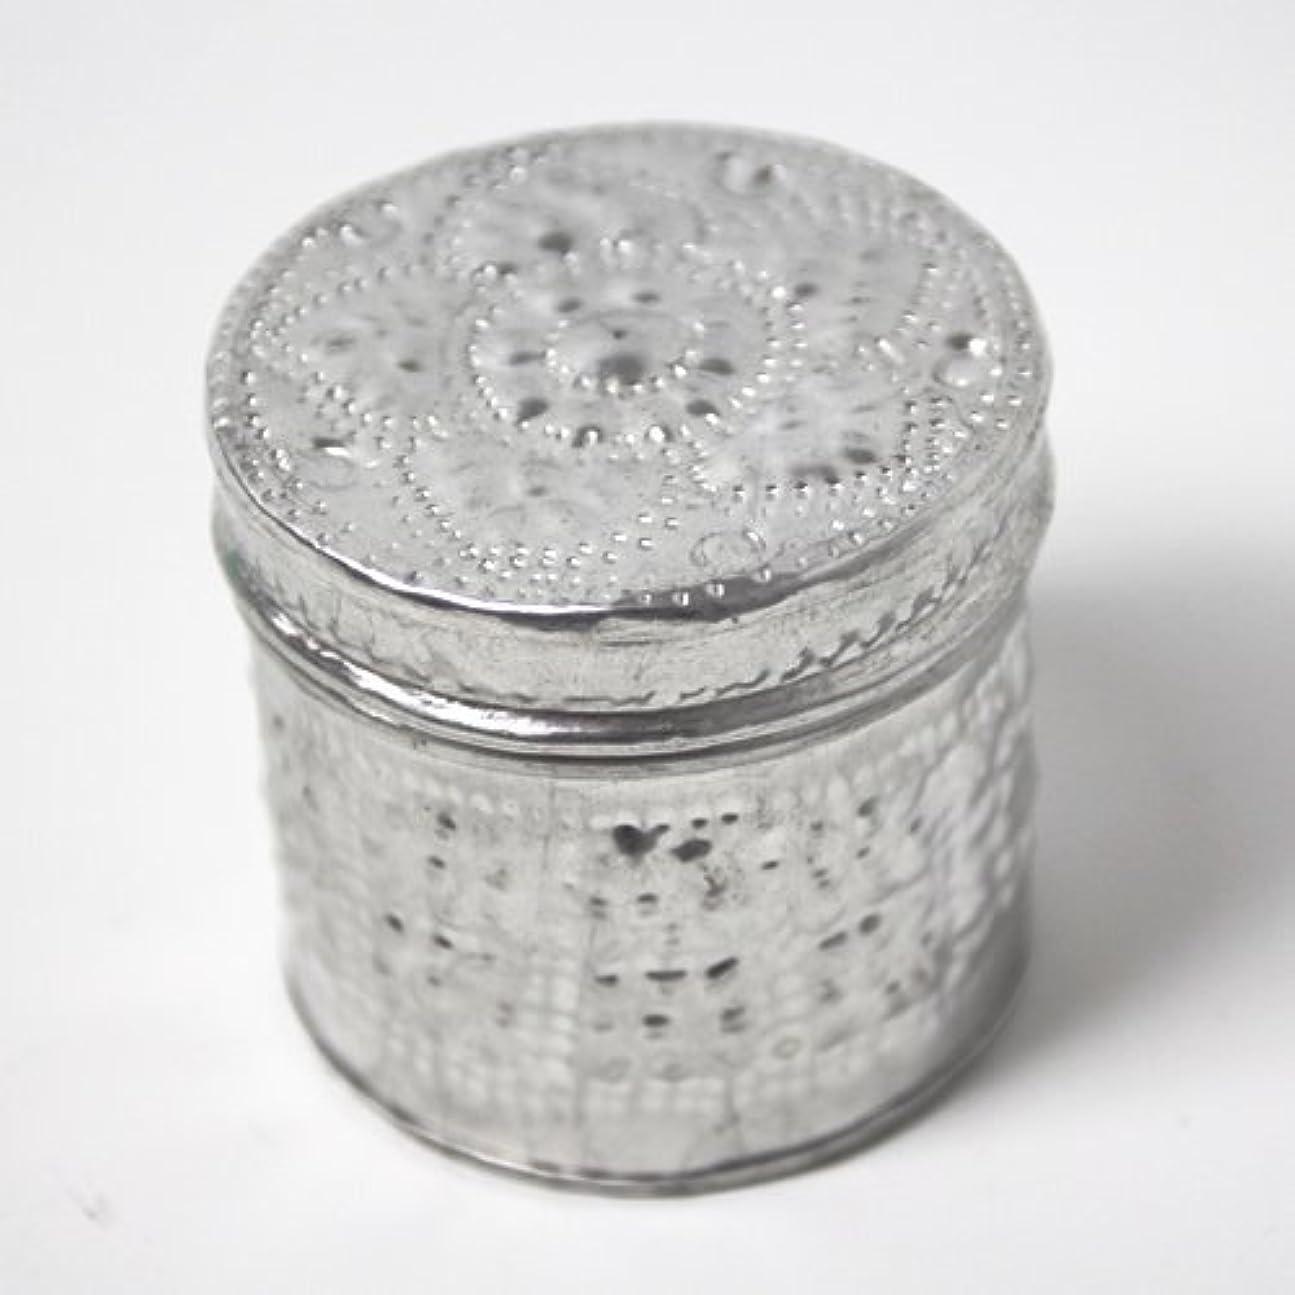 トリップじゃがいもウナギアルミアートのボックスにはいったアロマキャンドル?円柱